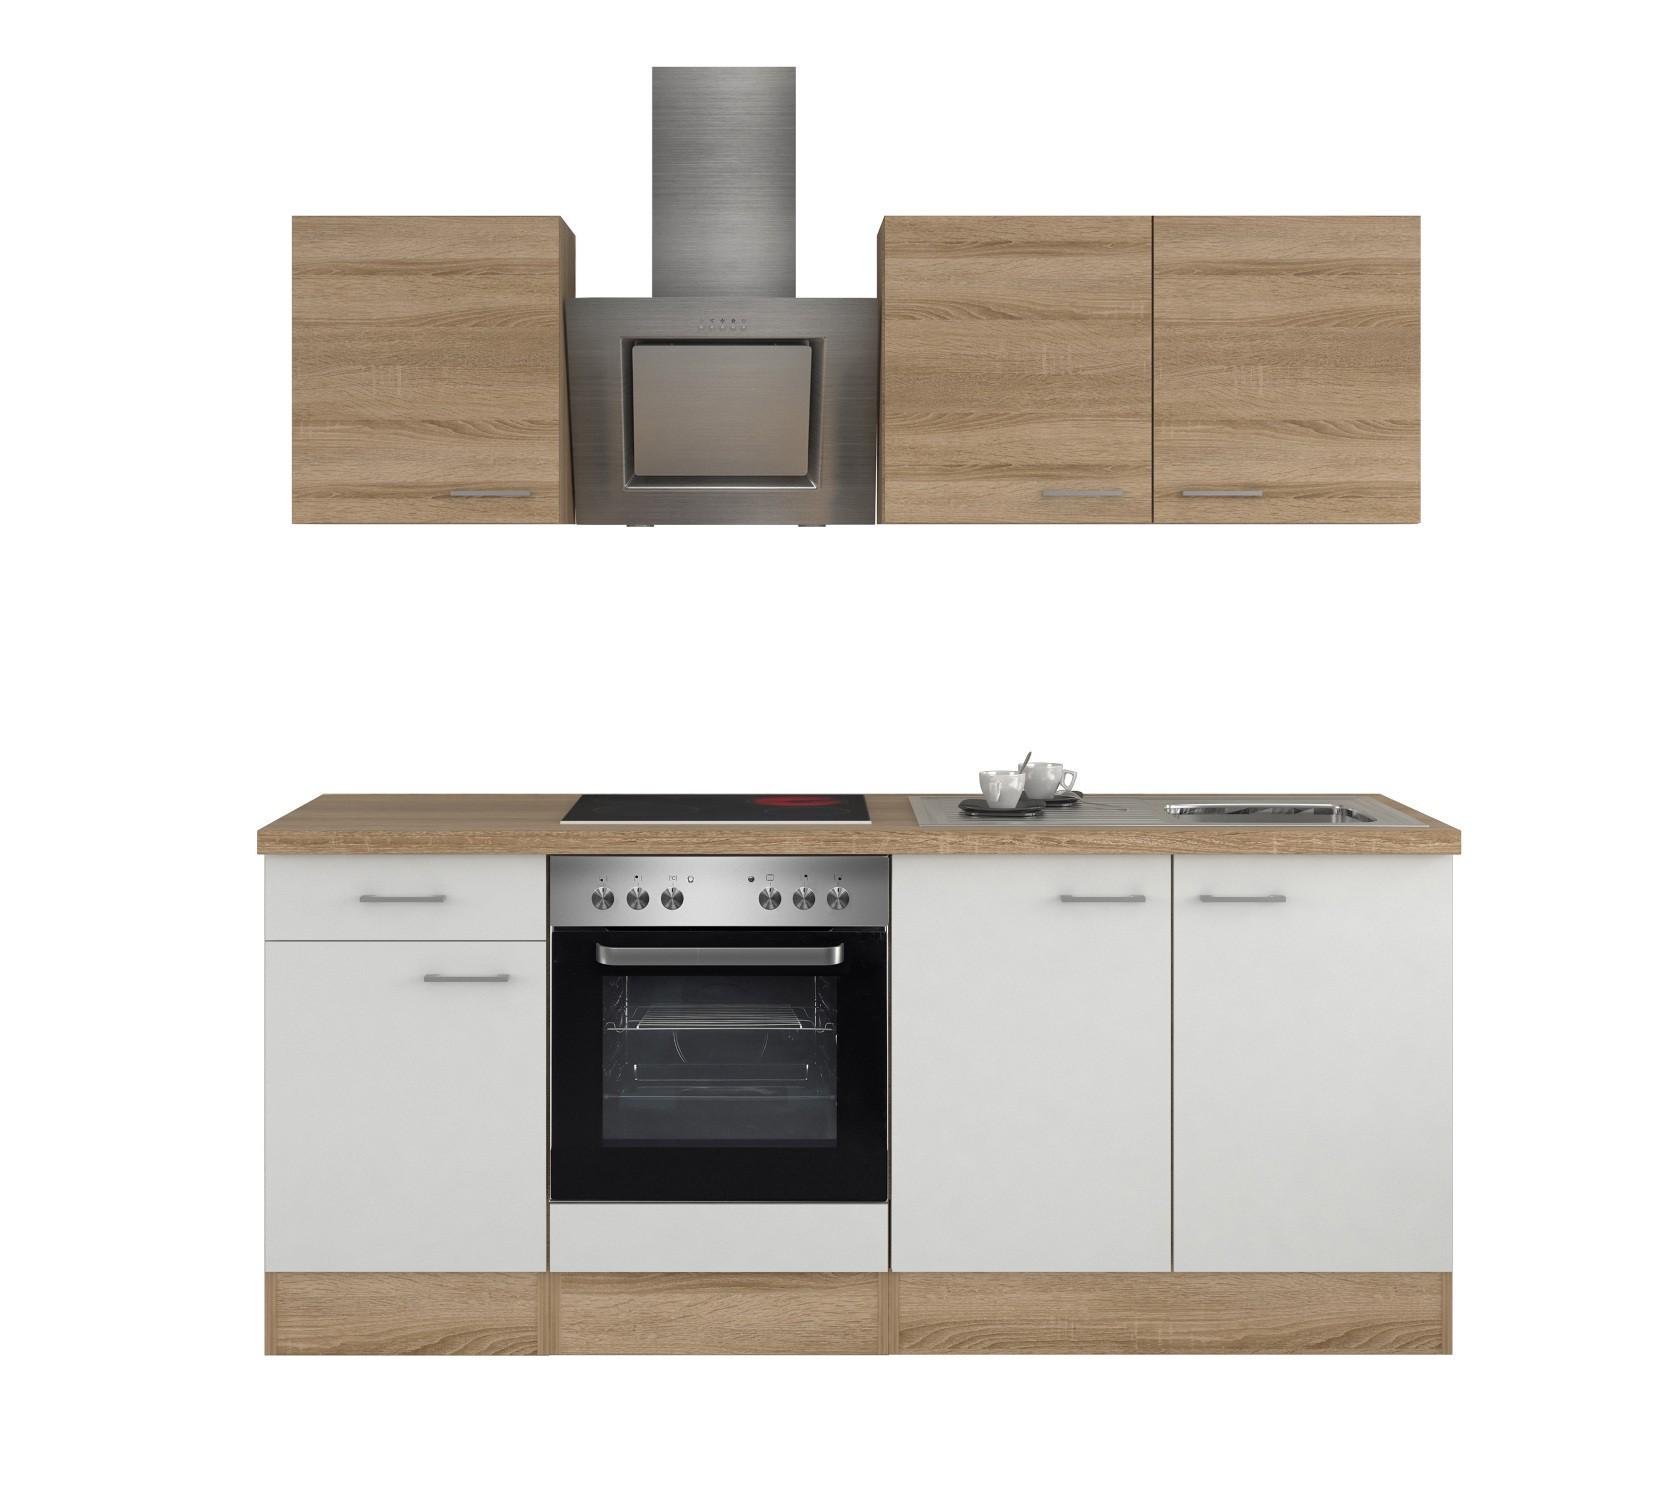 Küchenzeile ROM Küchenblock 210 cm weiss / sonoma Küche mit Elektro ...